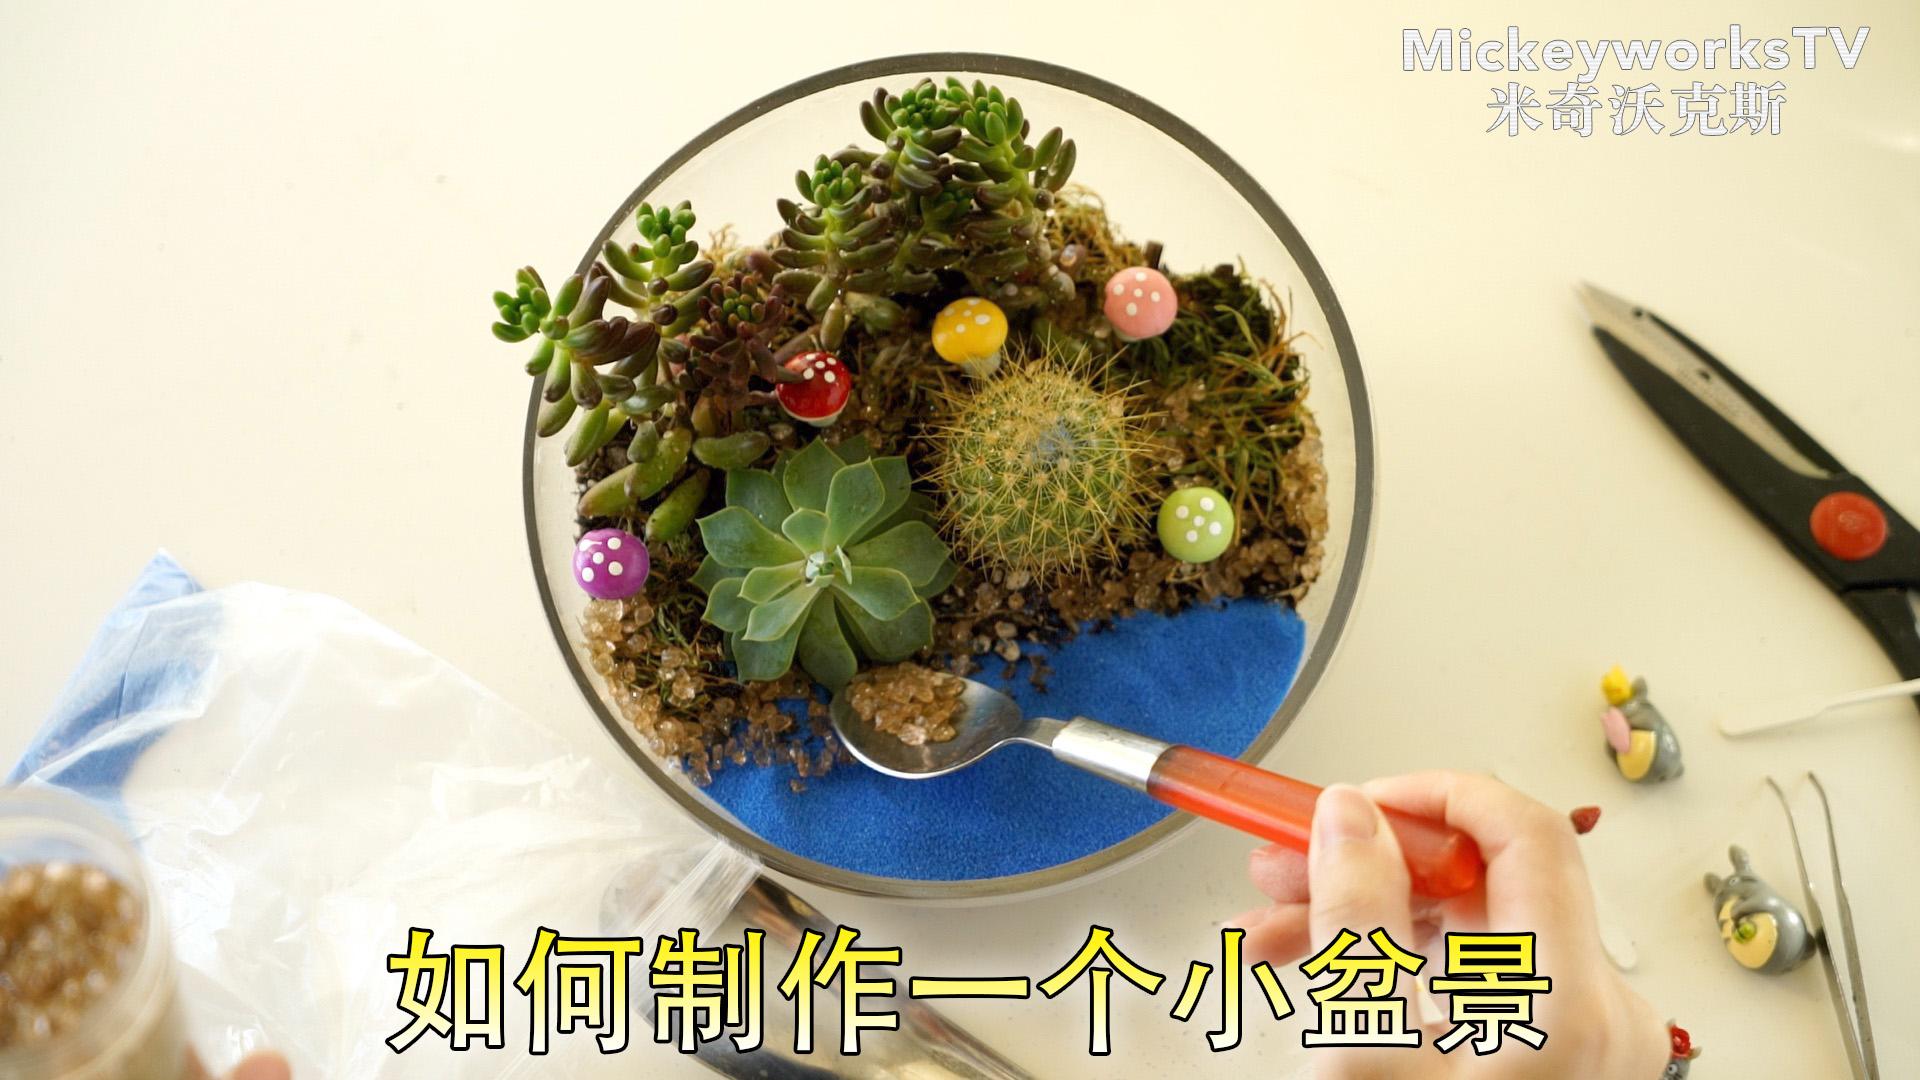 教你如何制作一个简单精致的小盆栽